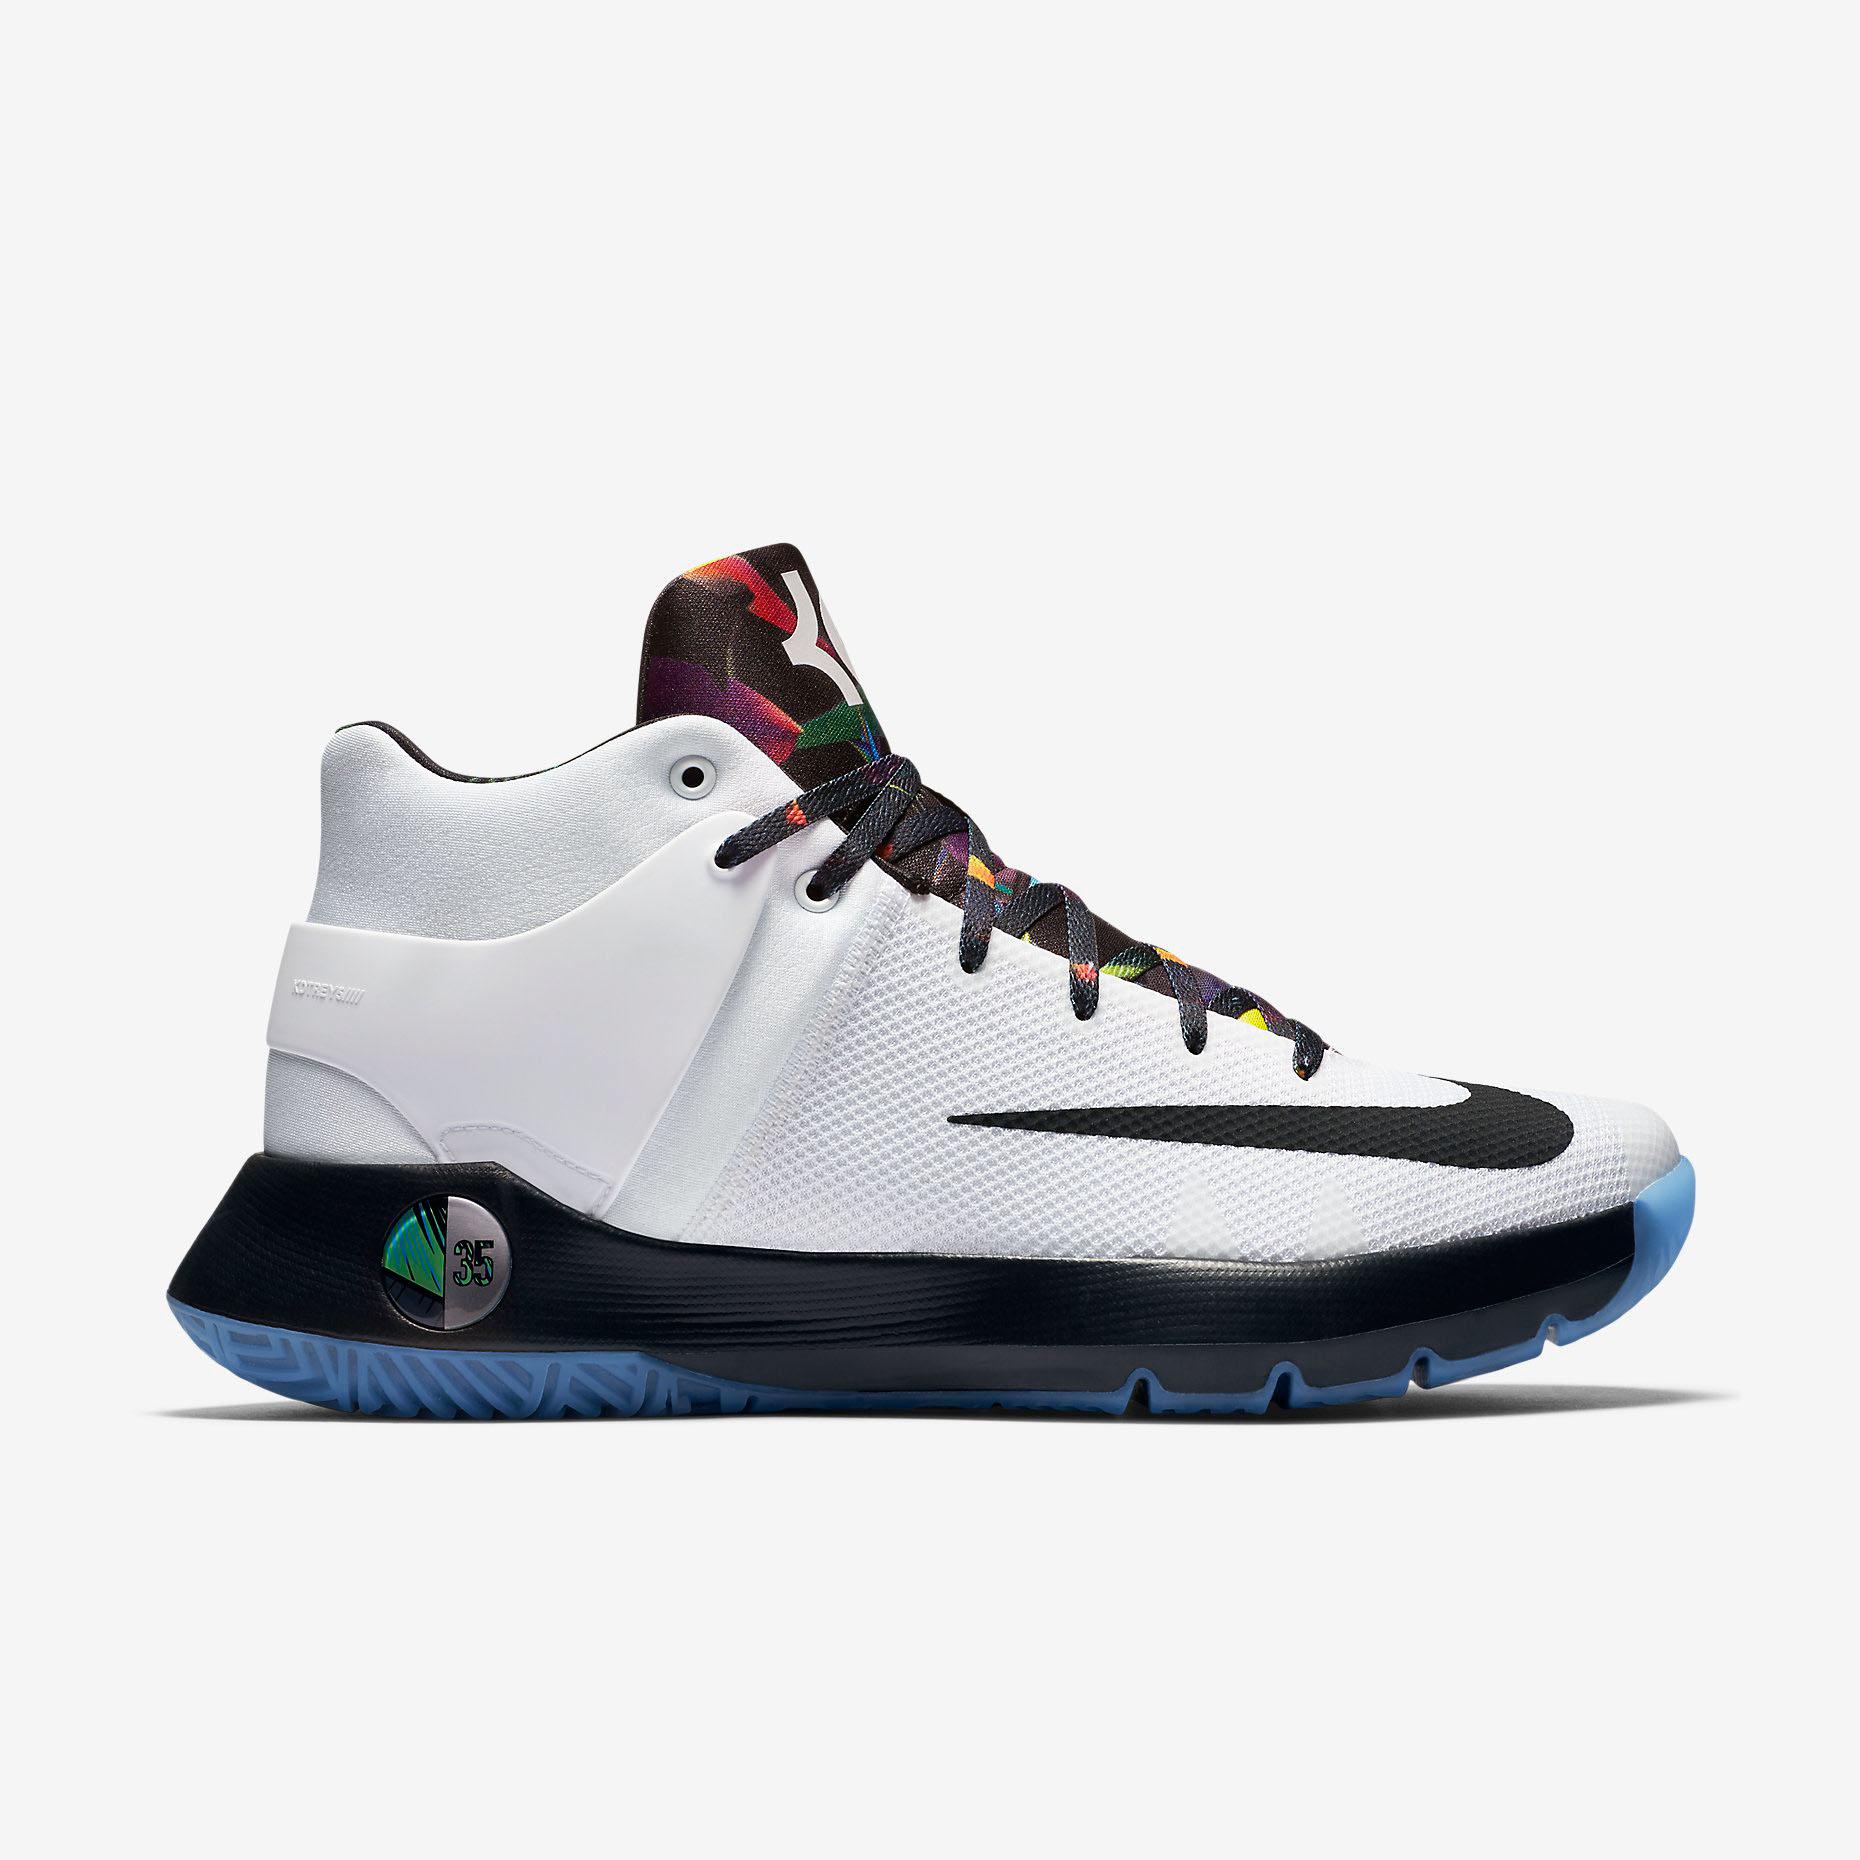 Shoes On Of Paradise Nike Behance xQeWCBrdo